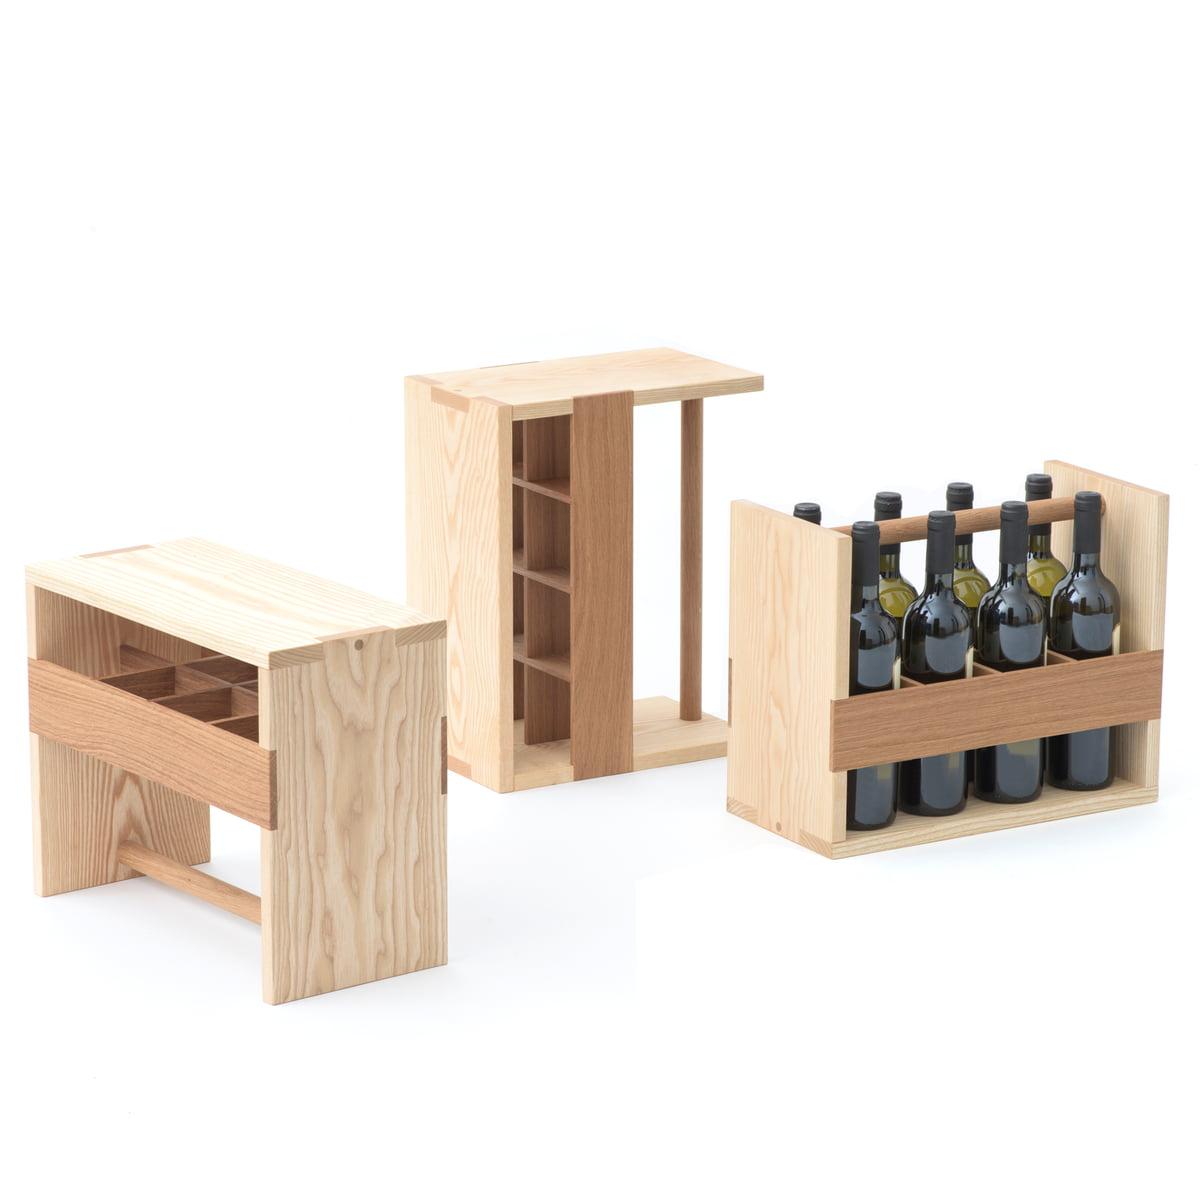 Bottle box von auerberg im wohndesign shop for Wohndesign shop